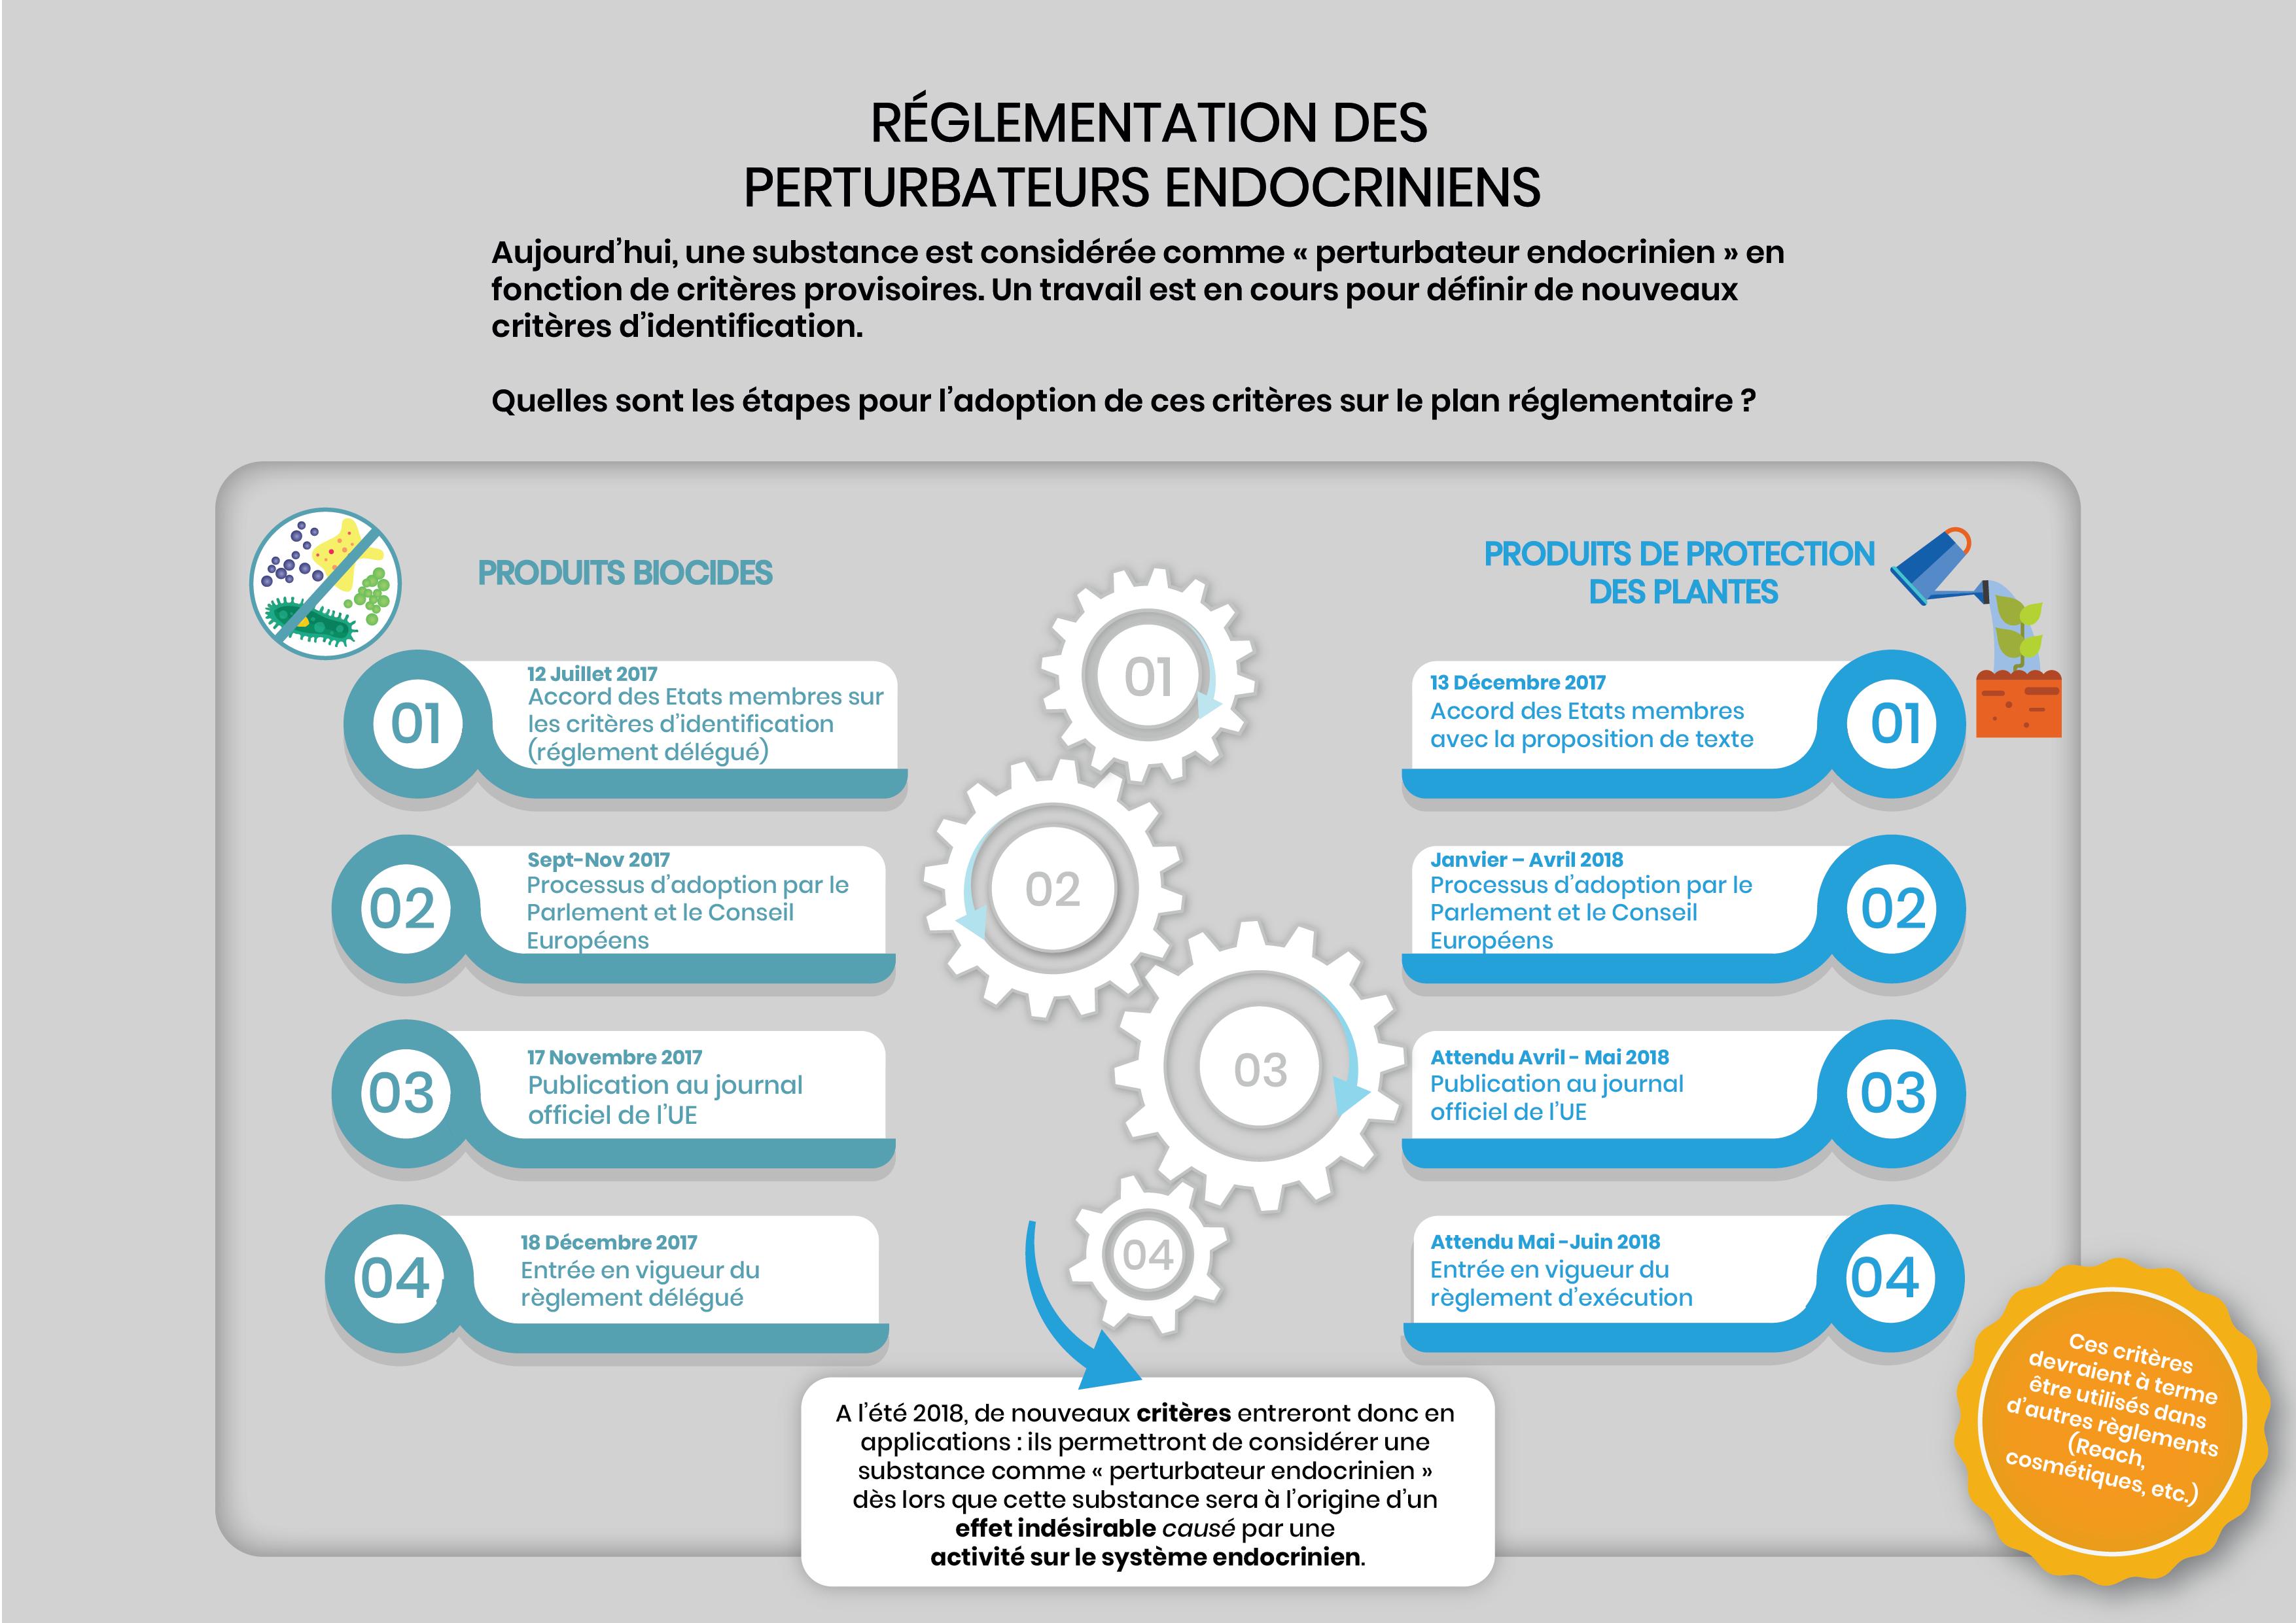 Quelles sont les étapes de l'adoption des critères d'identification des perturbateurs endocriniens sur le plan réglementaire ?